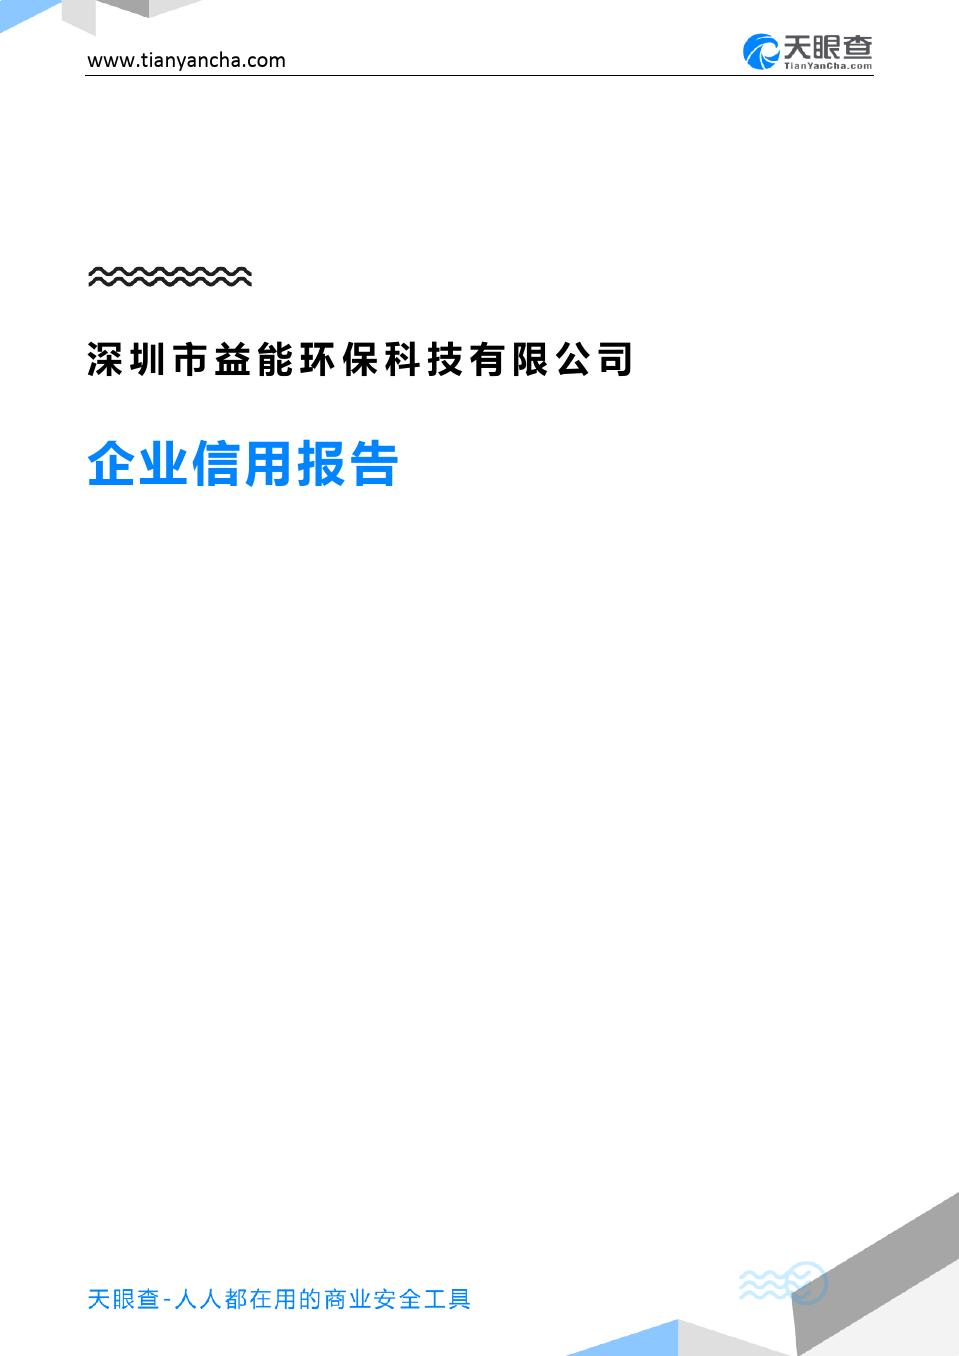 深圳市益能环保科技有限公司(企业信用报告)- 天眼查